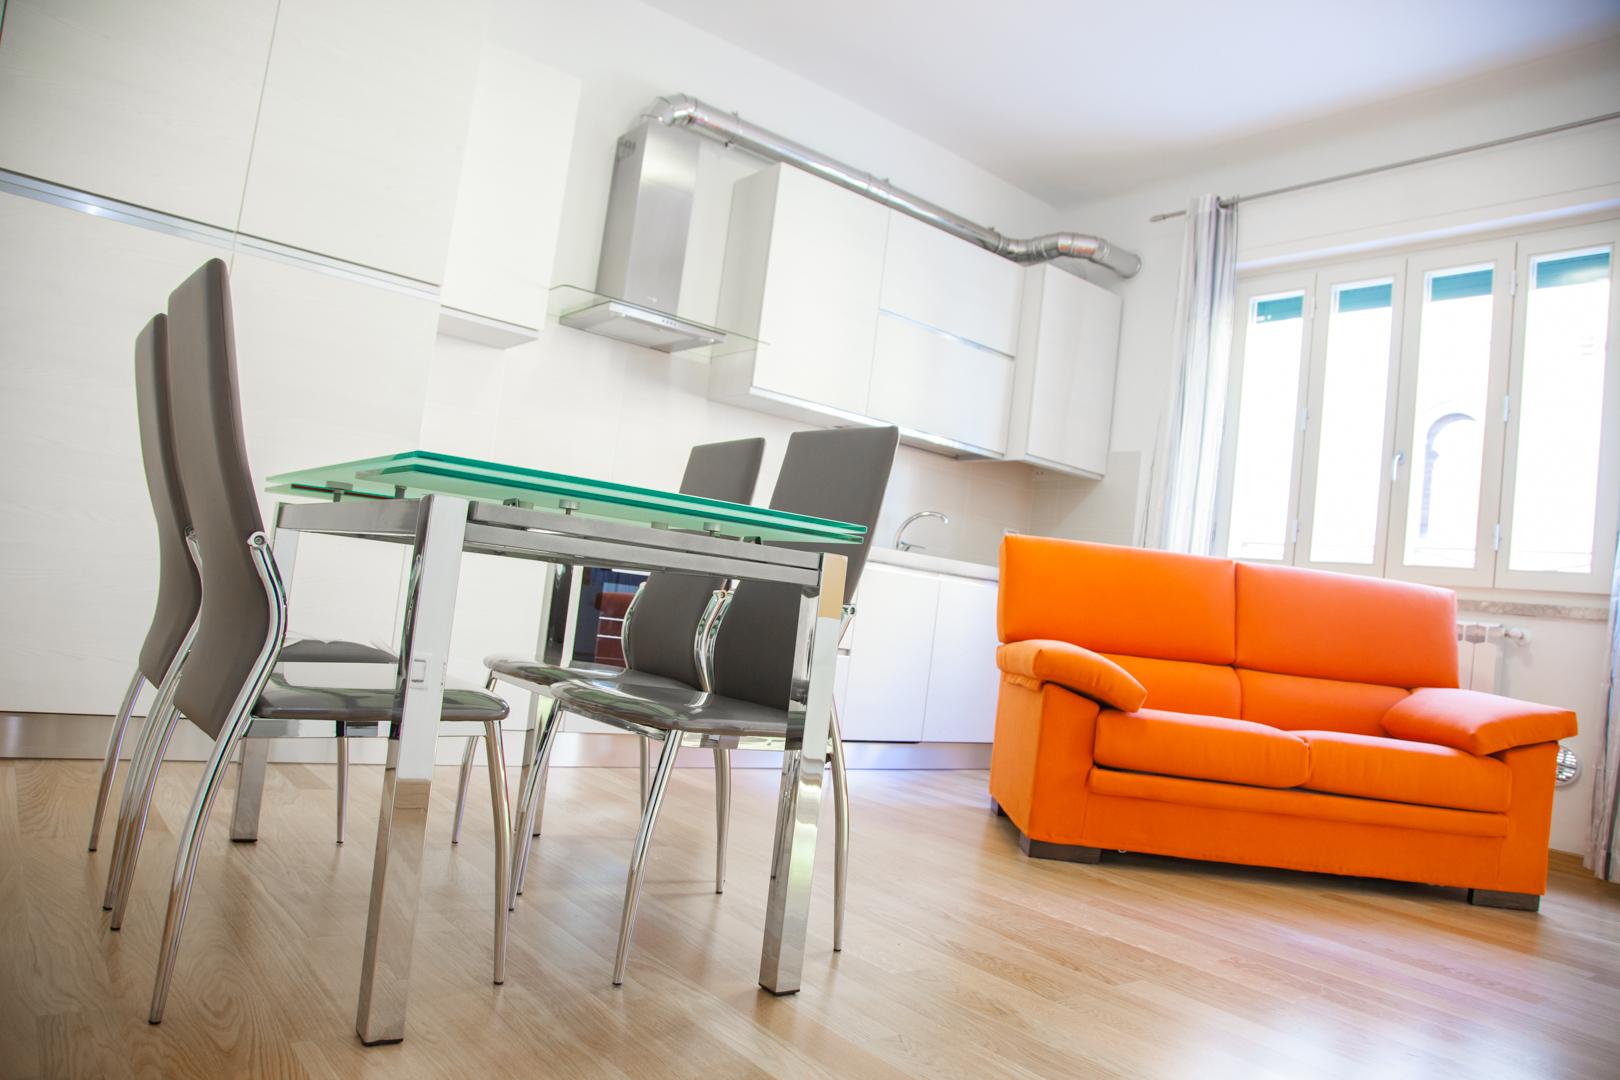 Pisa via queirolo appartamenti in zona centrale - Cambio destinazione d uso da ufficio ad abitazione ...